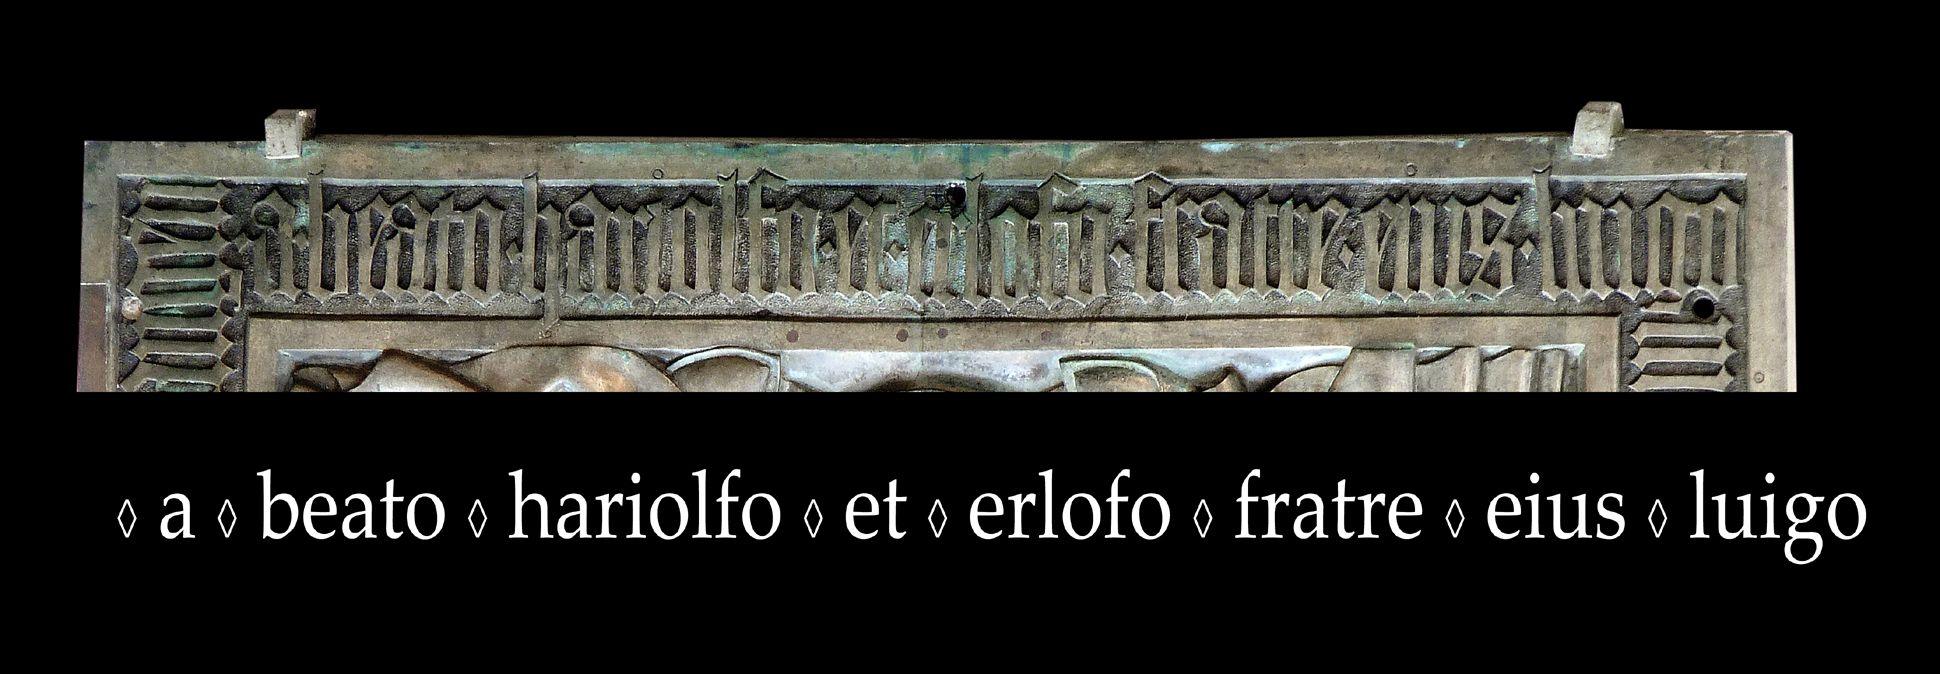 Memorienplatte für Hariolf und Erlolf Inschrift am unteren Plattenrand